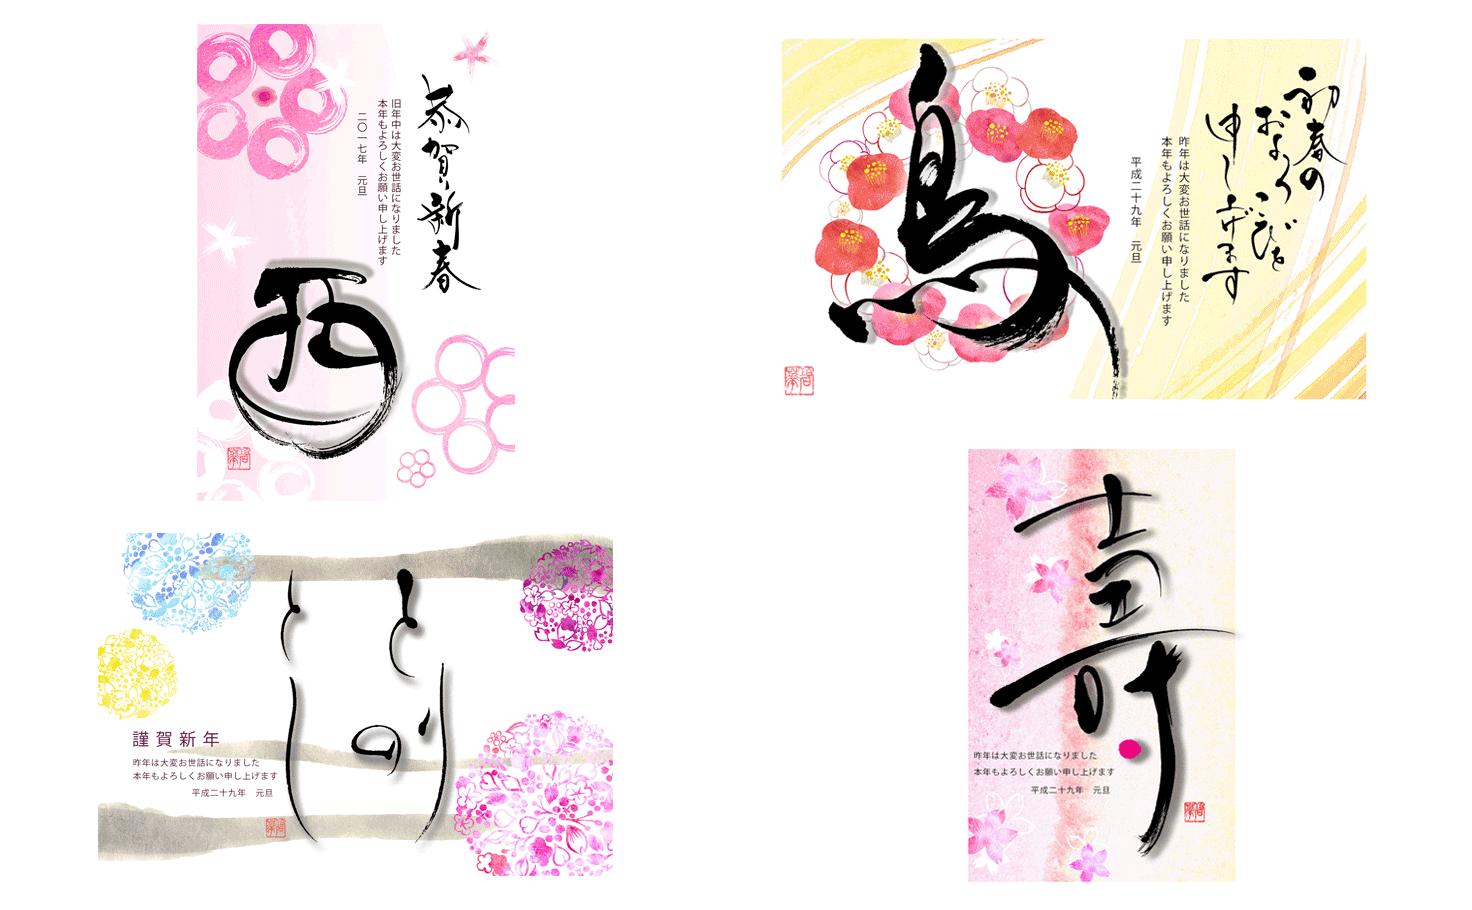 酉、鳥、とりのとしなど干支の筆文字を入れた年賀状デザイン